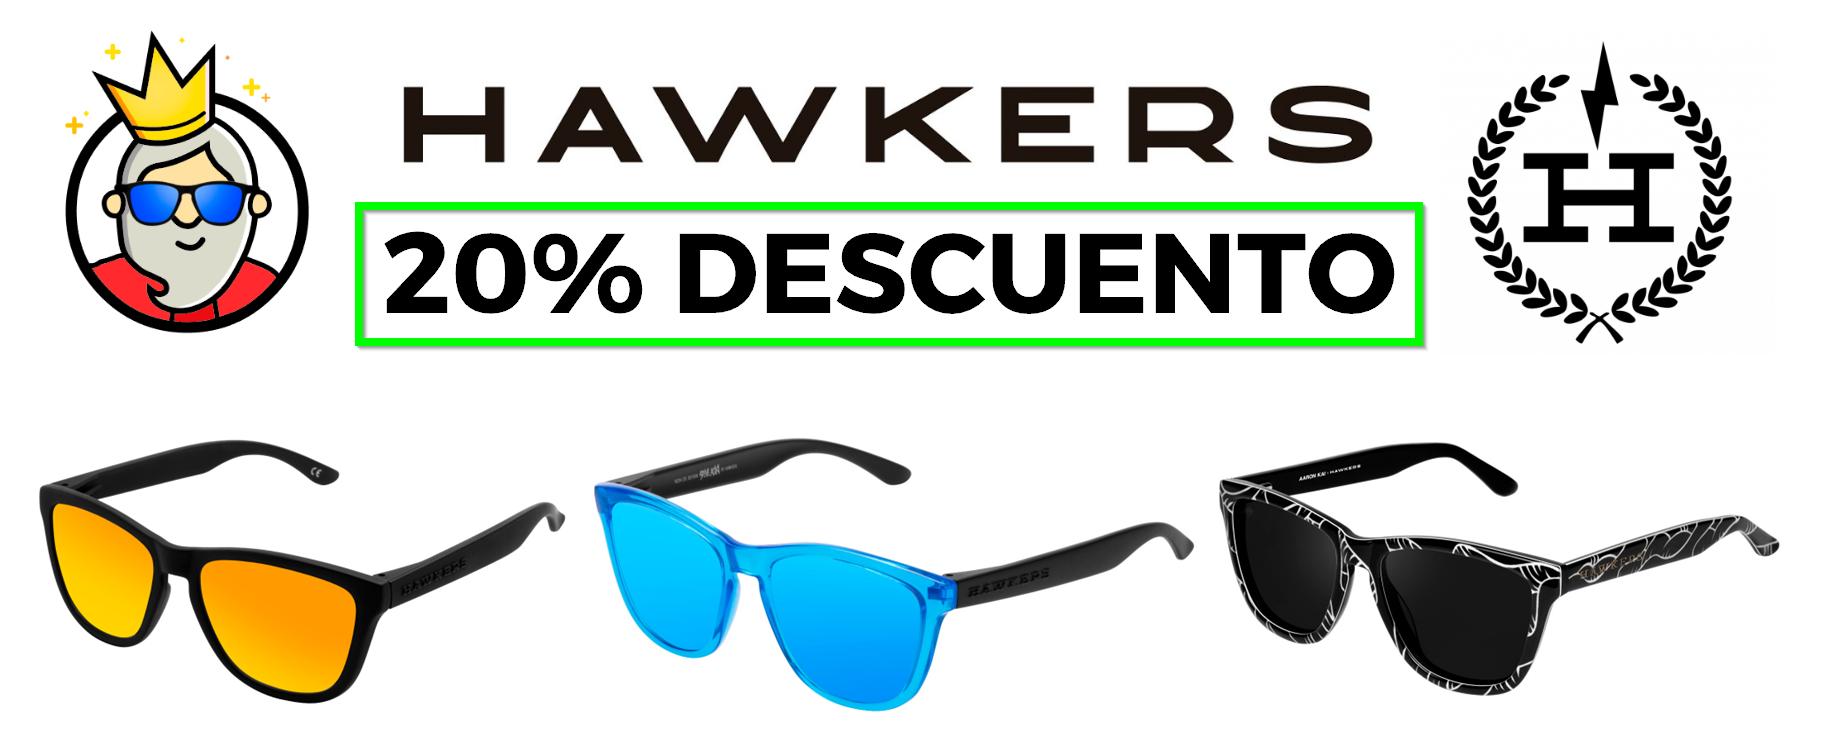 accesorios Descuento Hawkers: 20% de descuento en todos los modelos